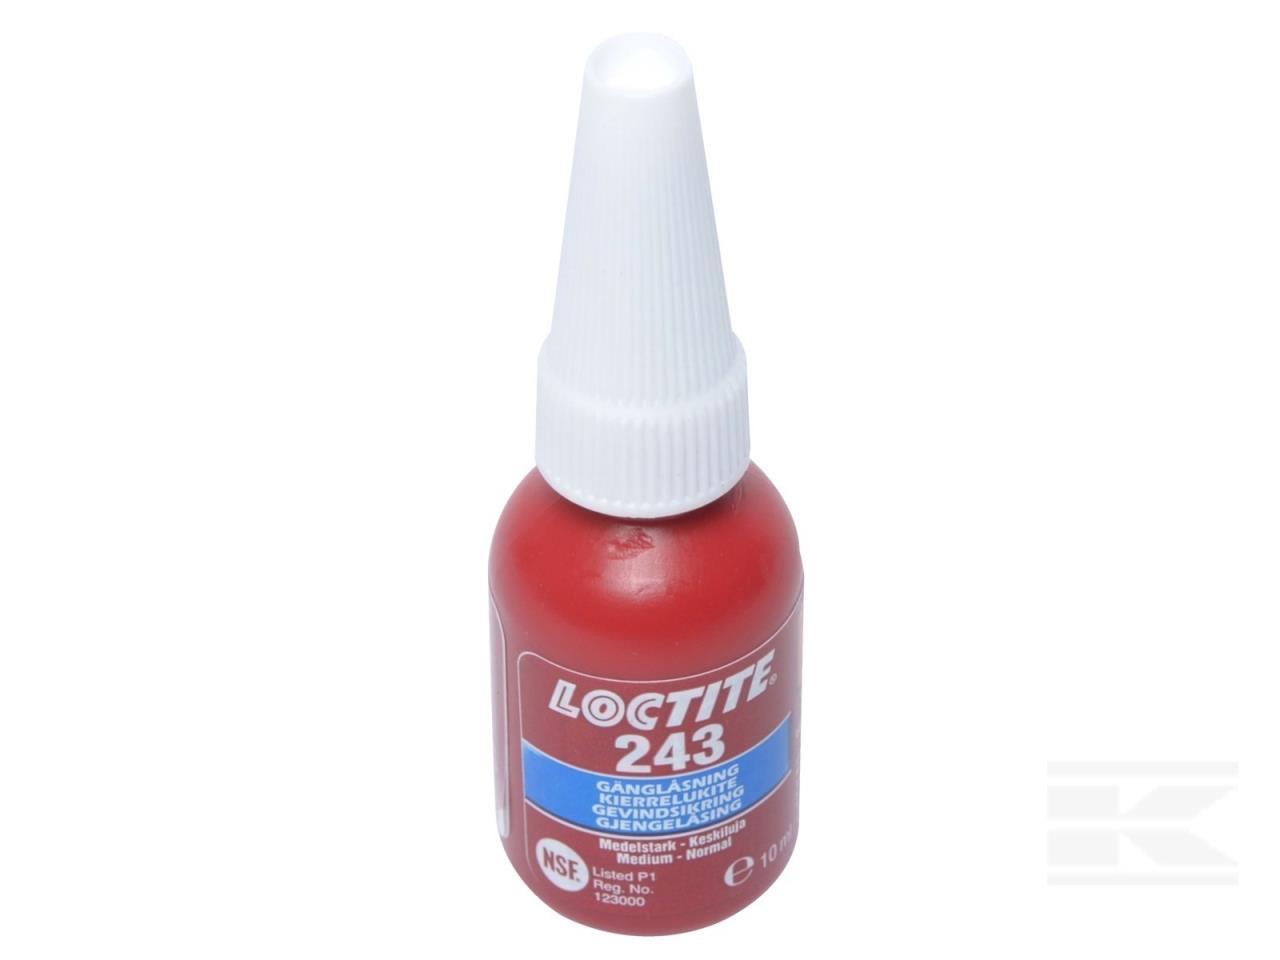 Loctite skruesikring 243, 10 ml.